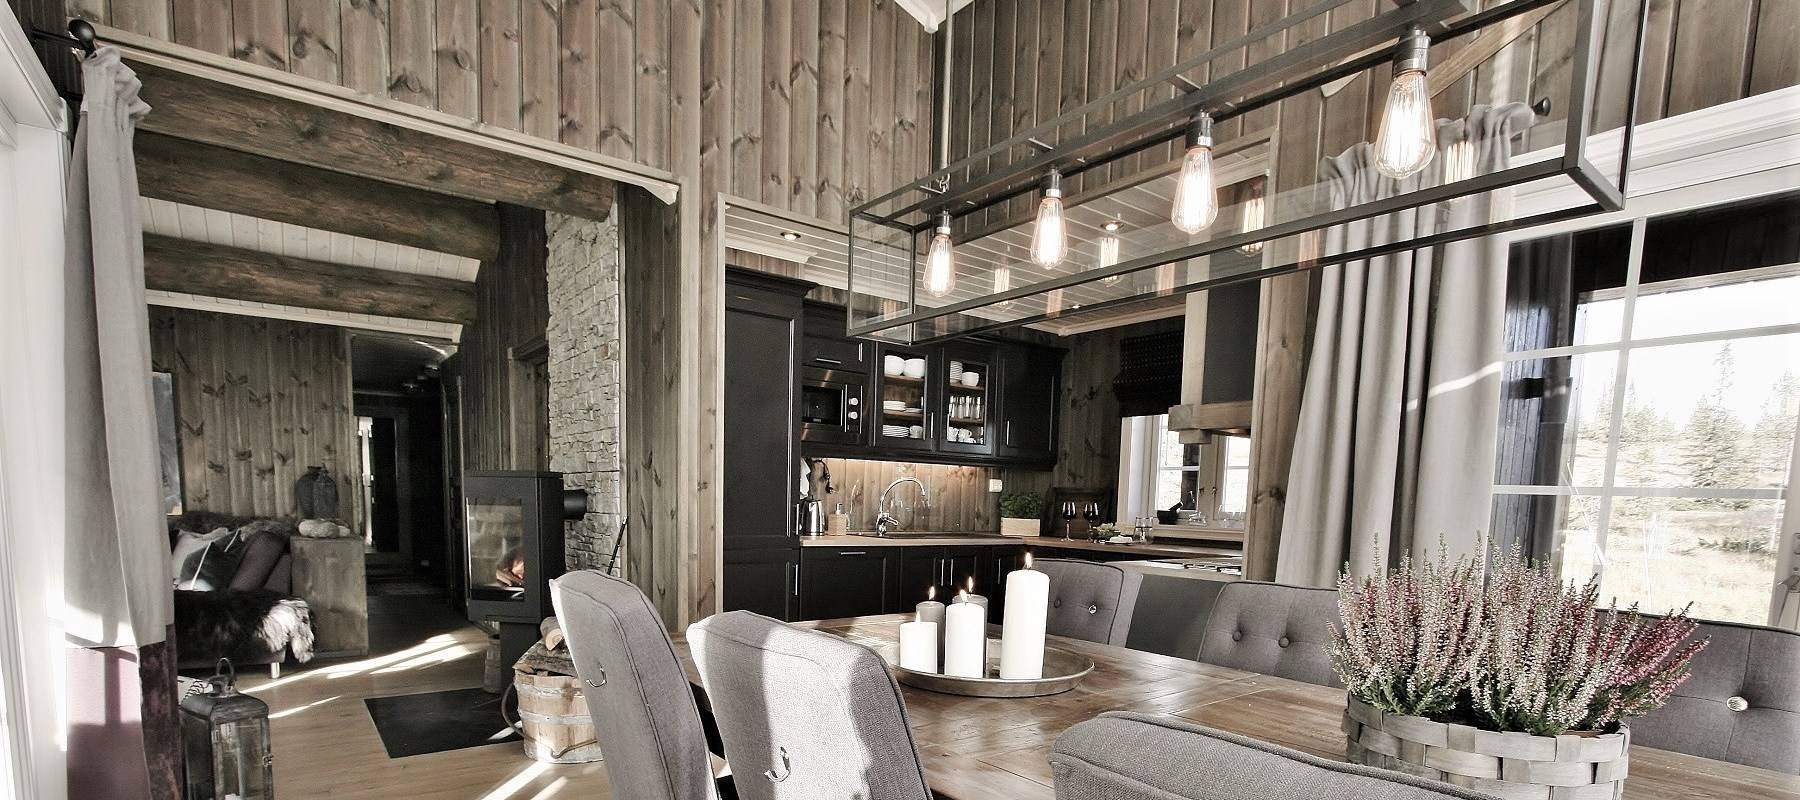 24 Hytteinteriør Inspirasjon Veggli – Stryn 92